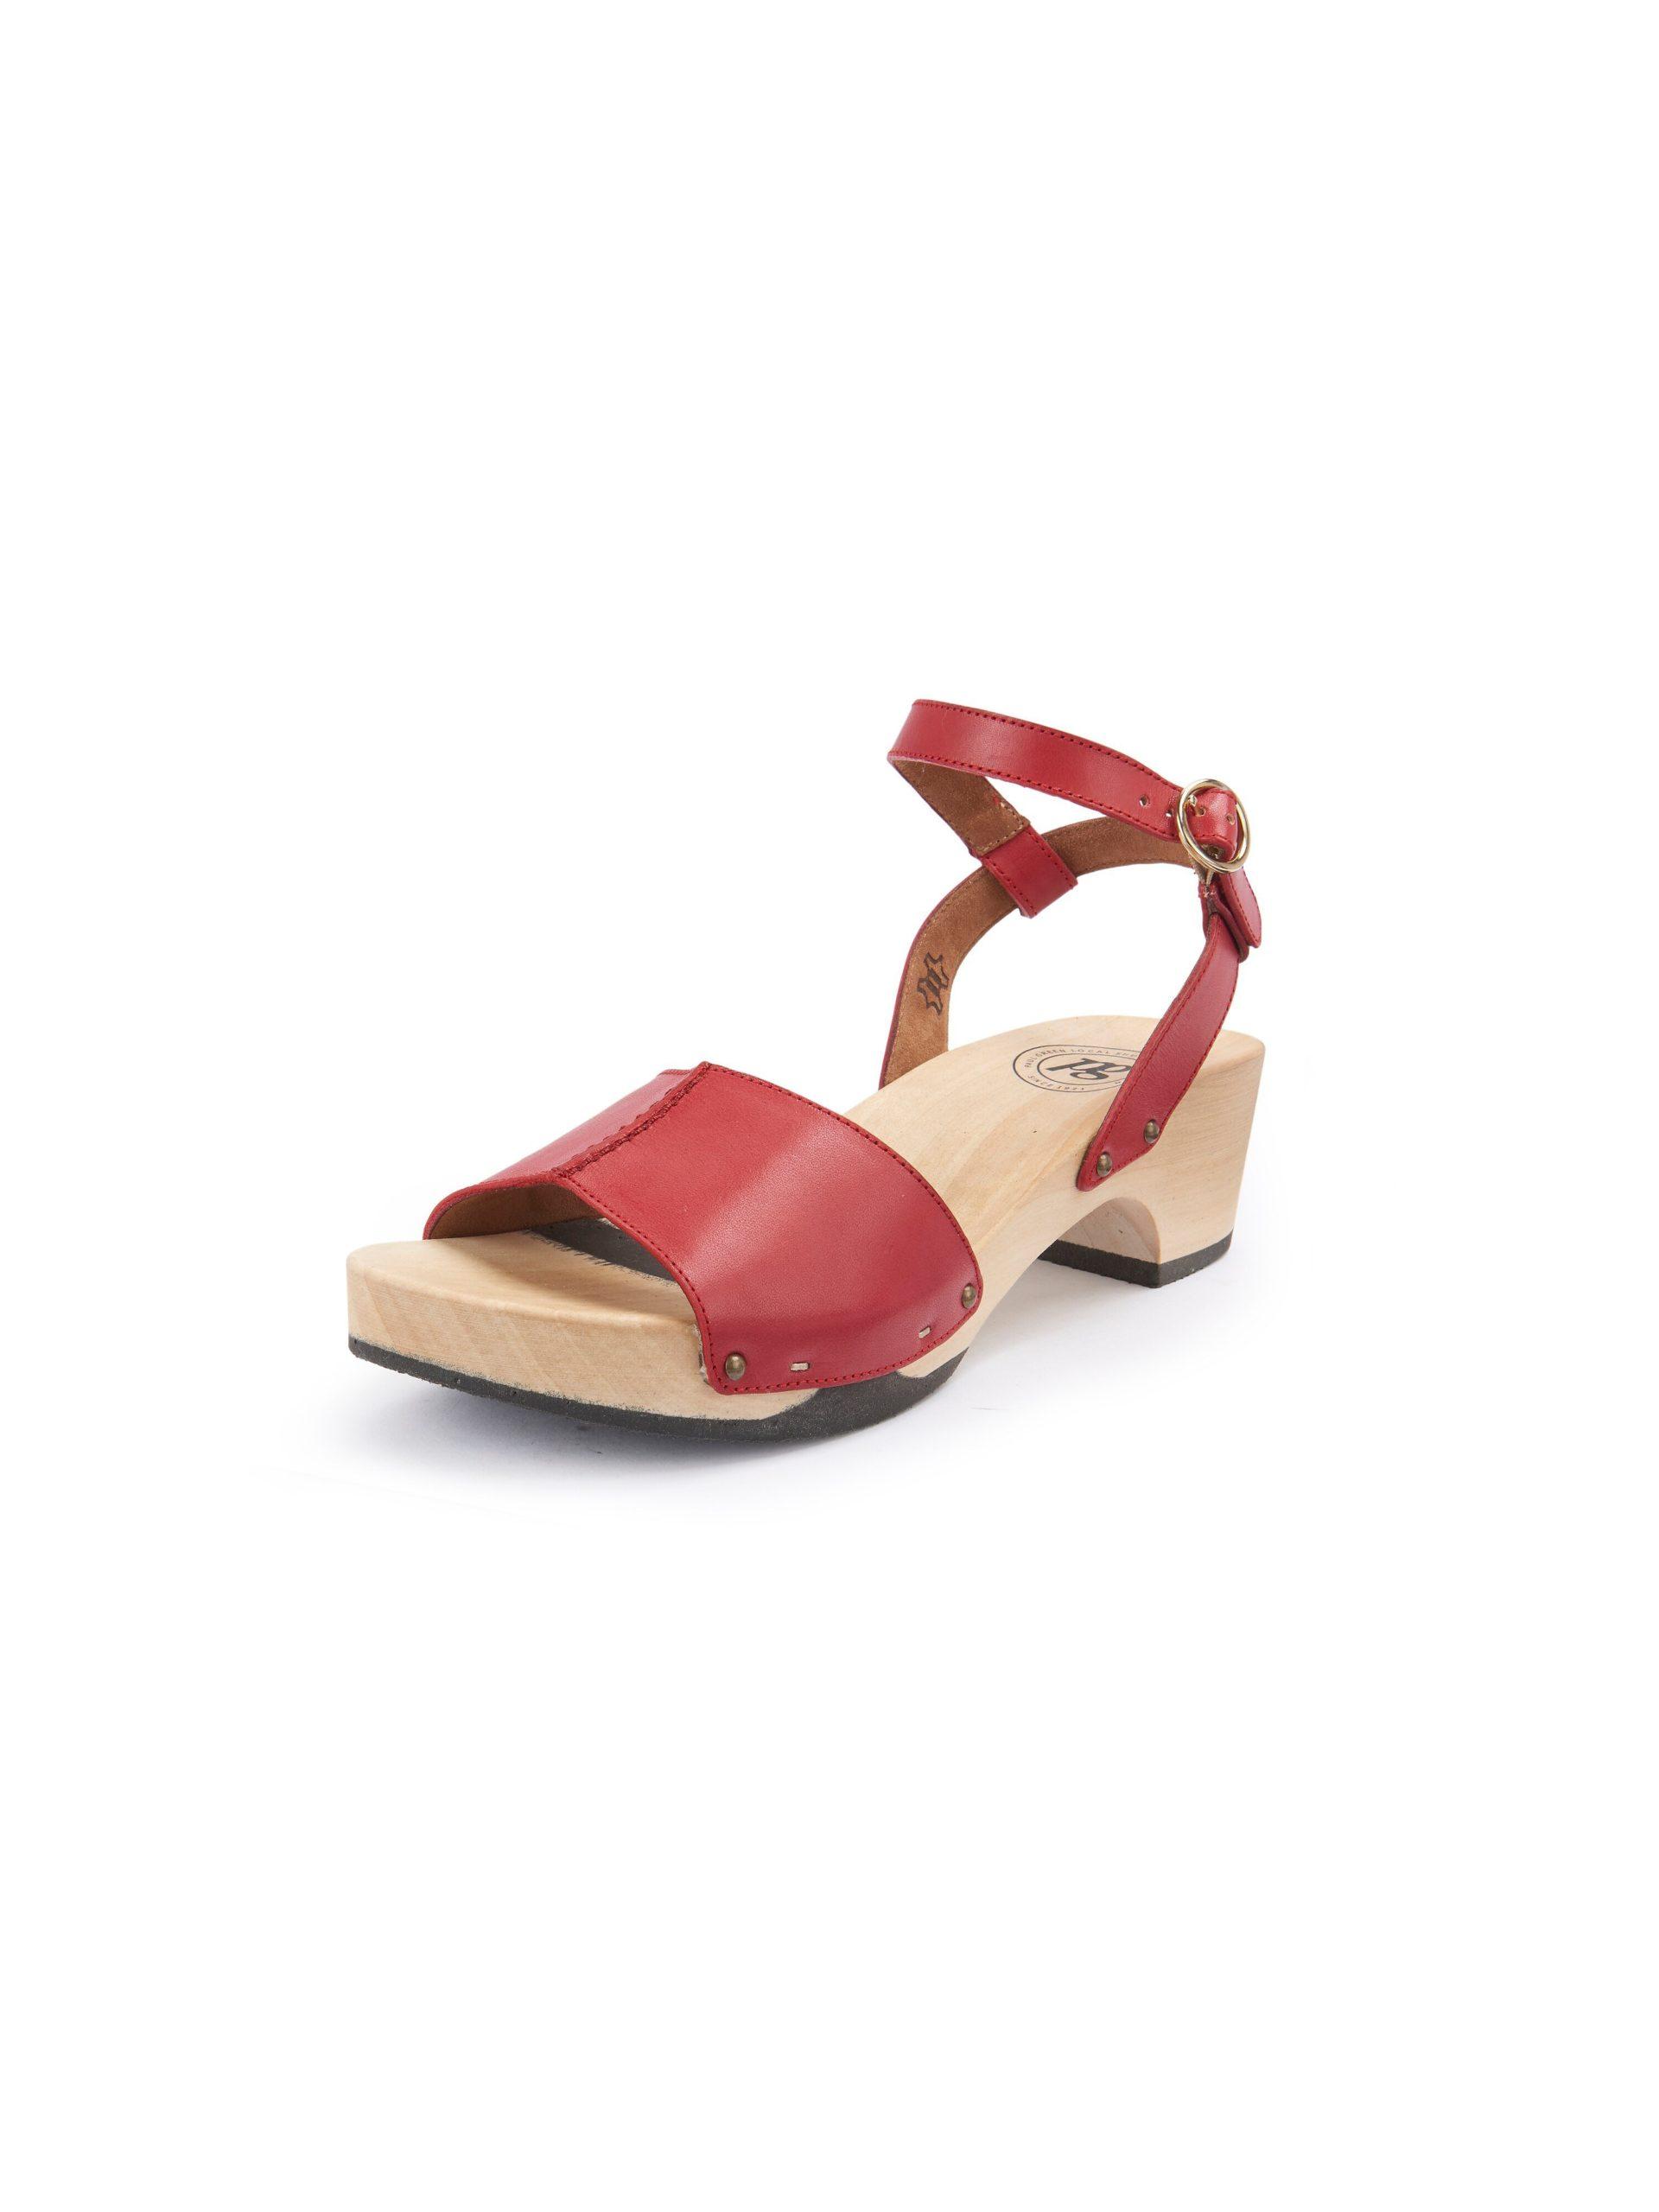 Sandalen Van Paul Green rood Kopen